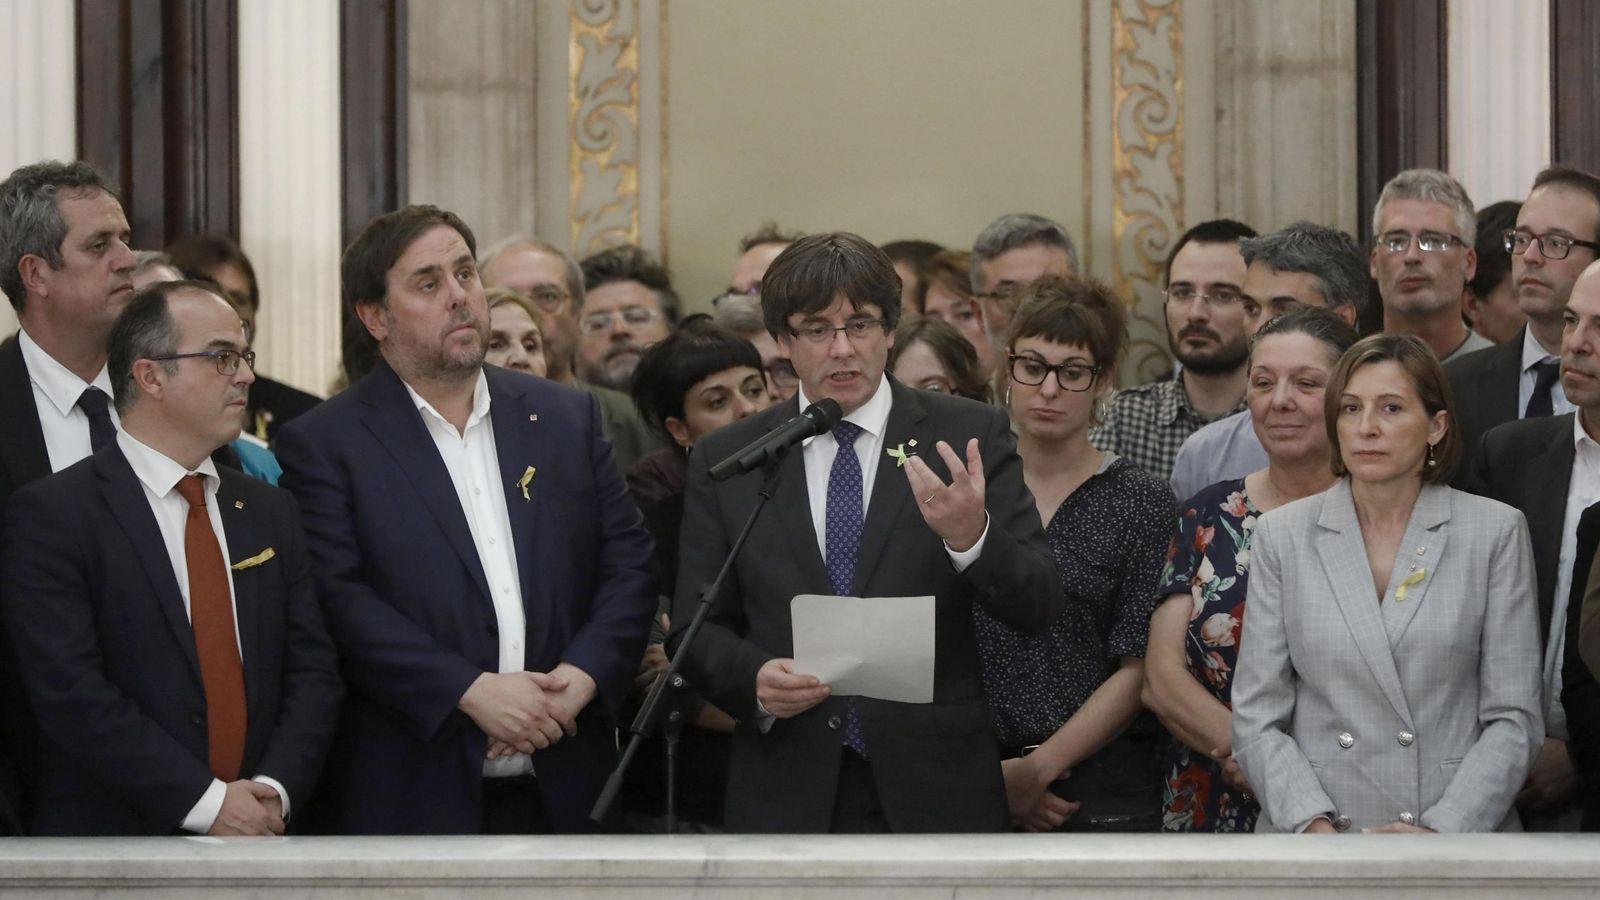 Foto: El presidente de la Generalitat, Carles Puigdemont (c), junto al vicepresidente del Govern y 'conseller' de Economía, Oriol Junqueras, y la presidenta del Parlament, Carme Forcadell. (EFE)